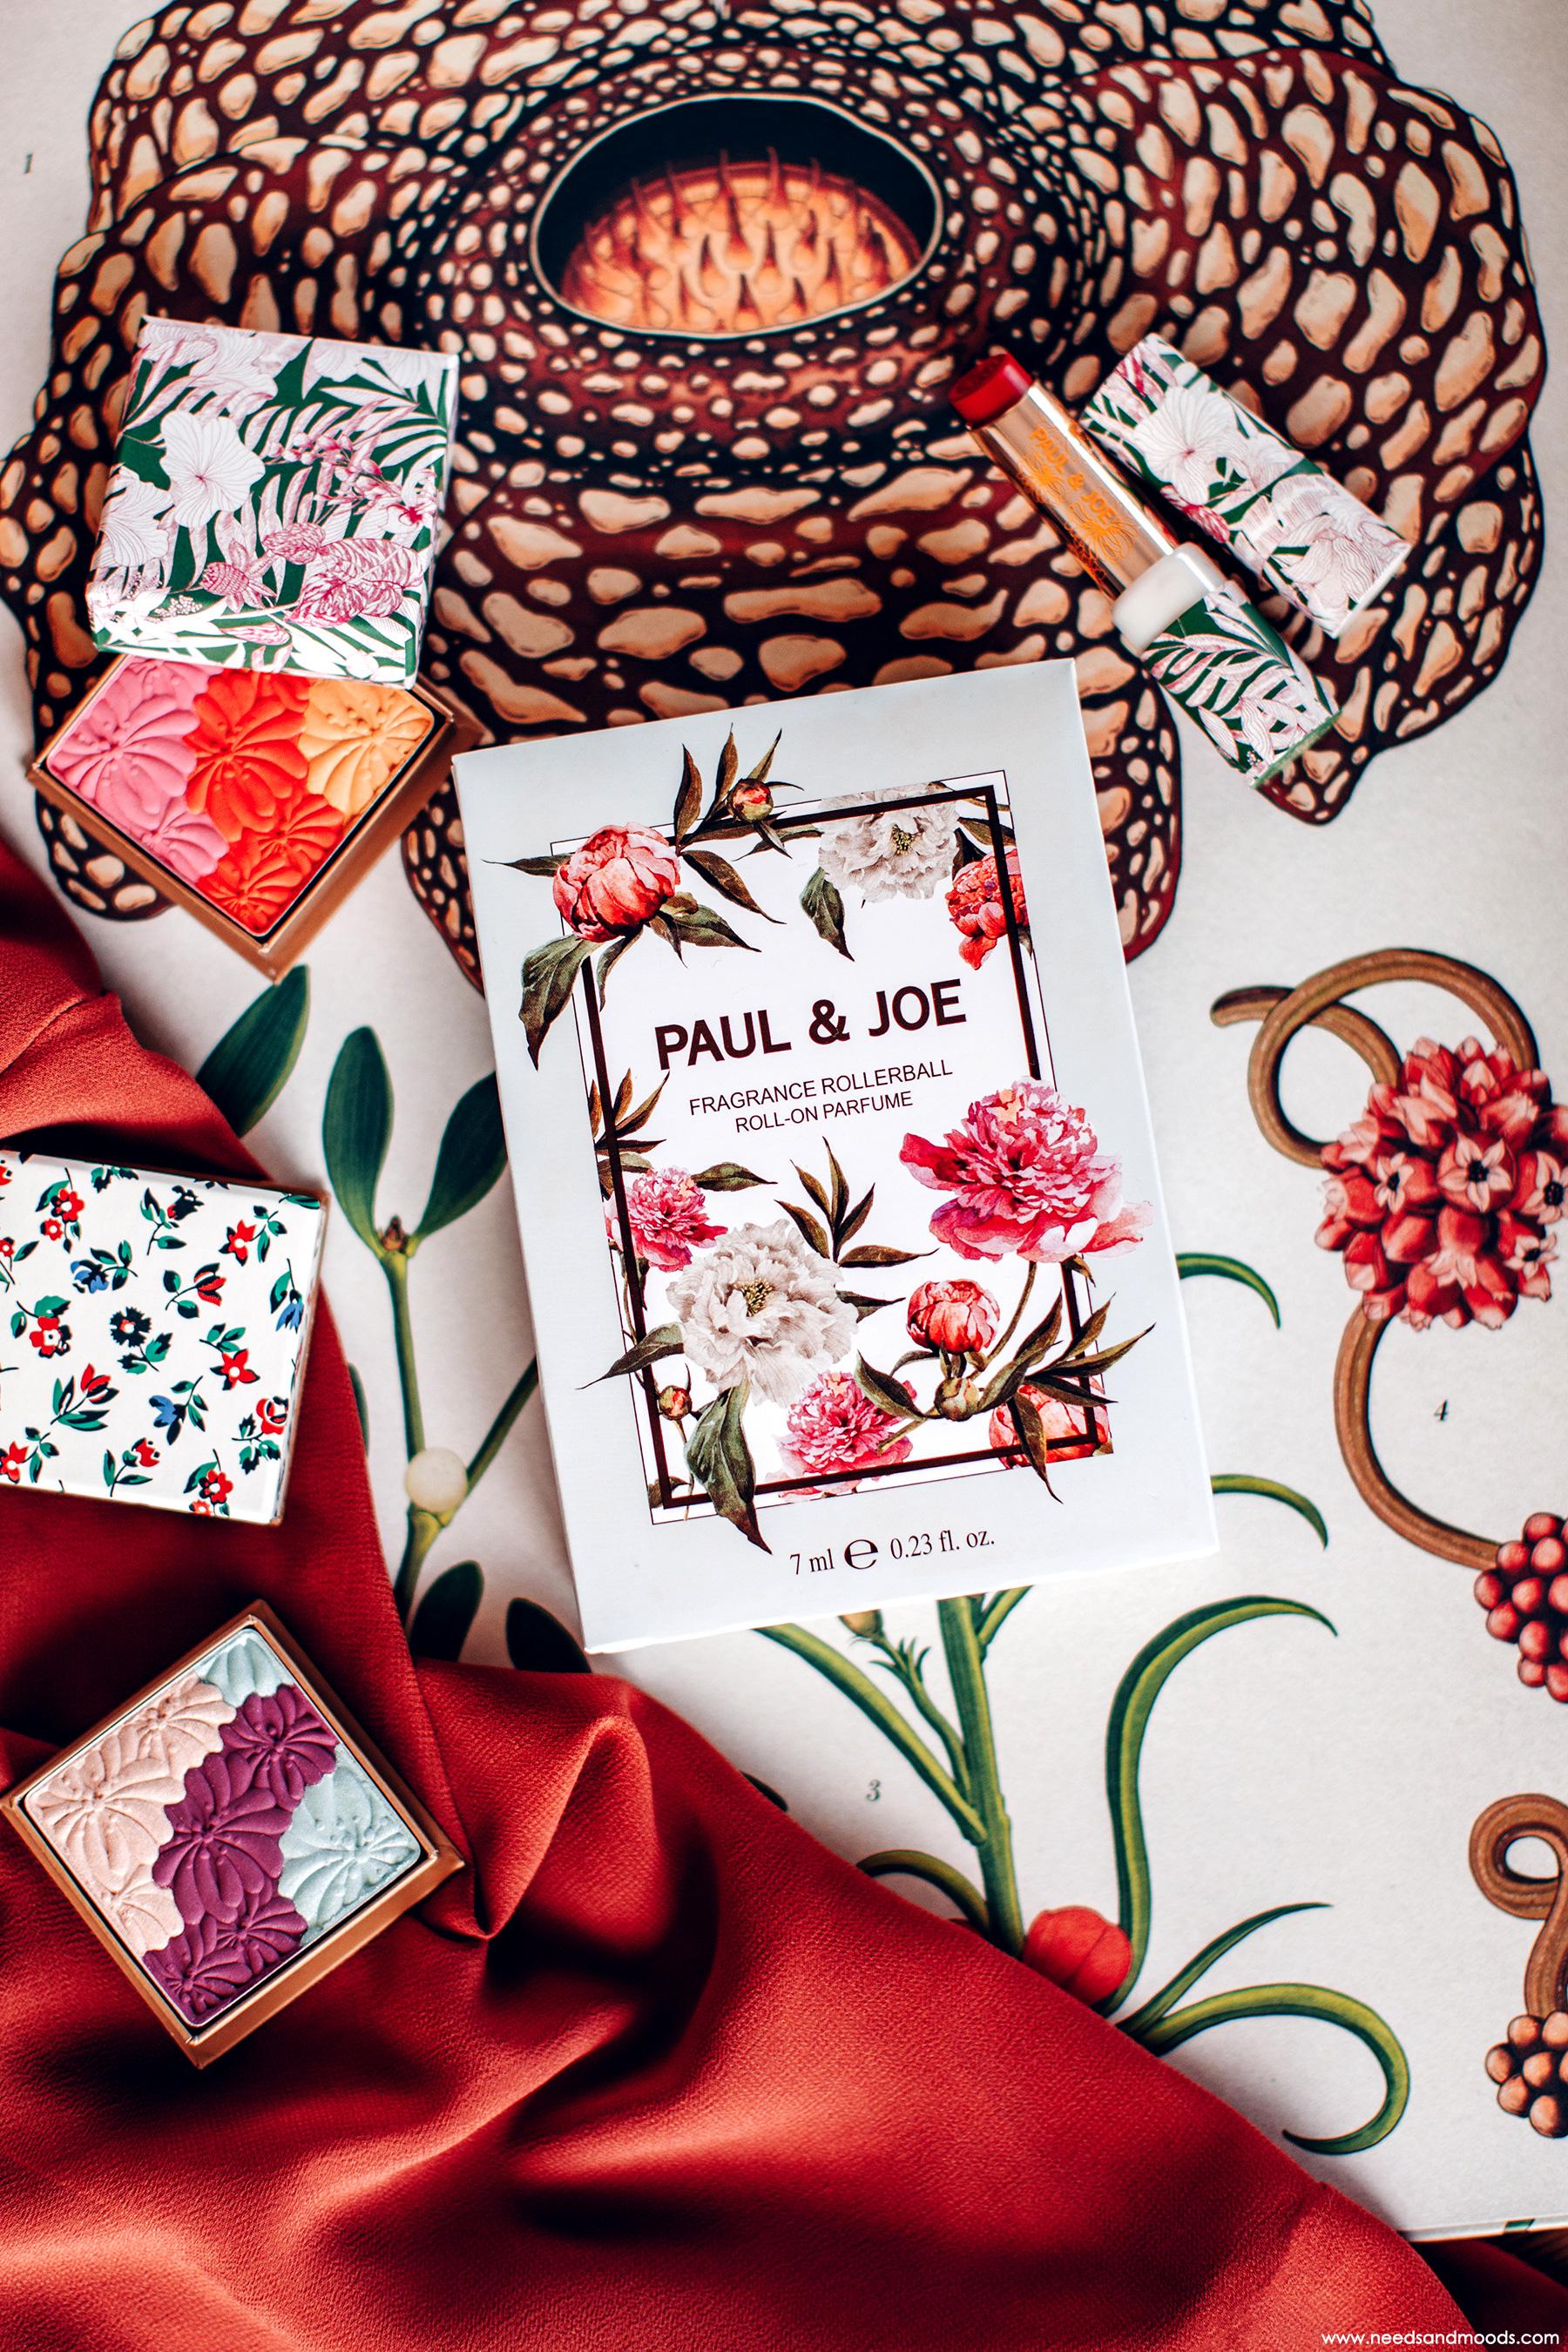 paul joe maquillage printemps 2019 floral shoppe